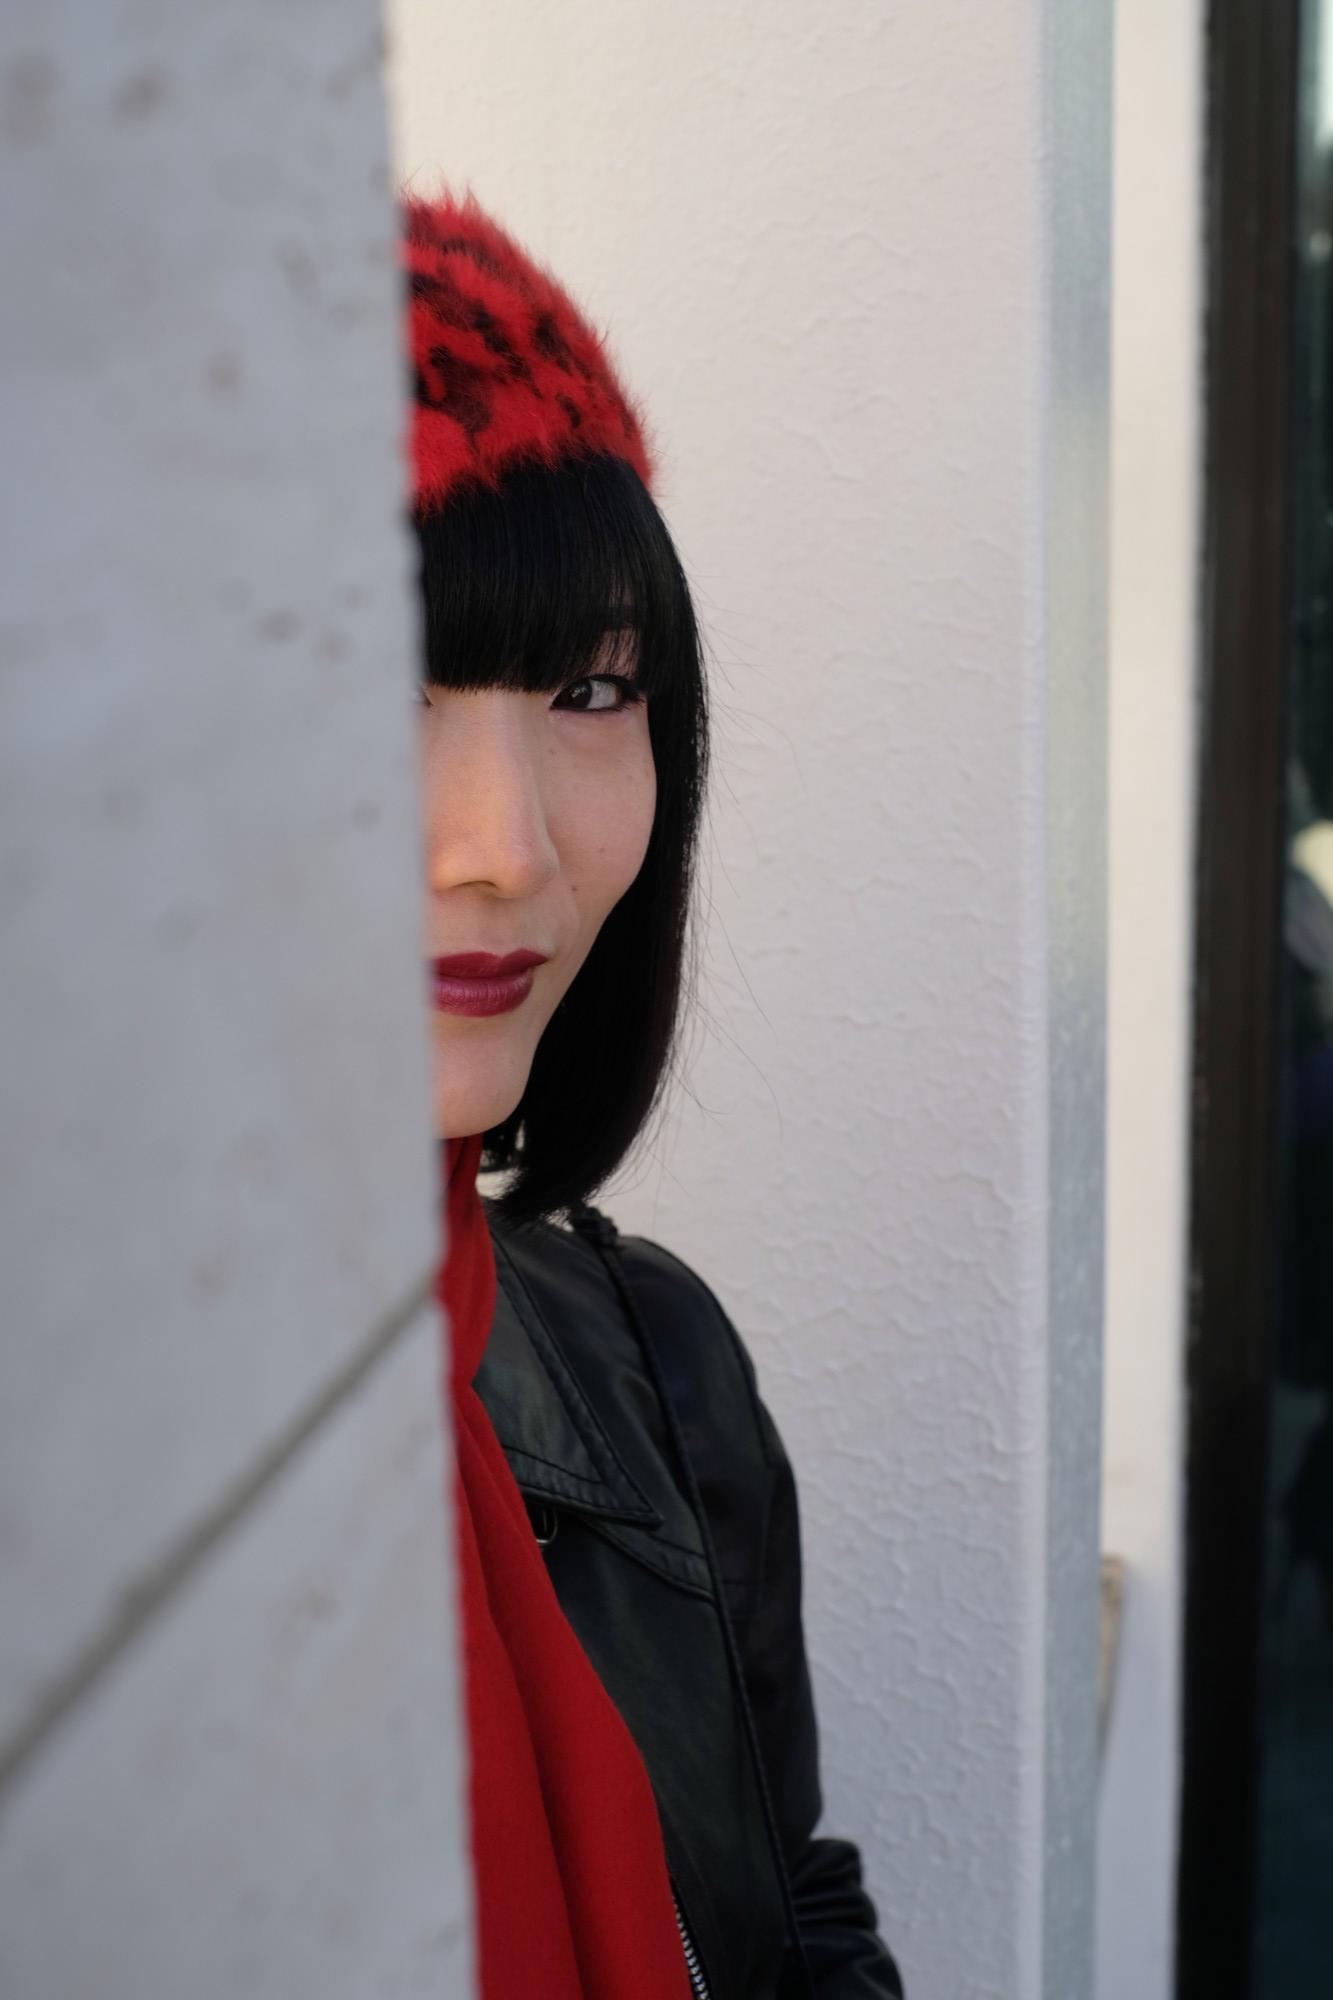 japanese girl at Lincoln Center